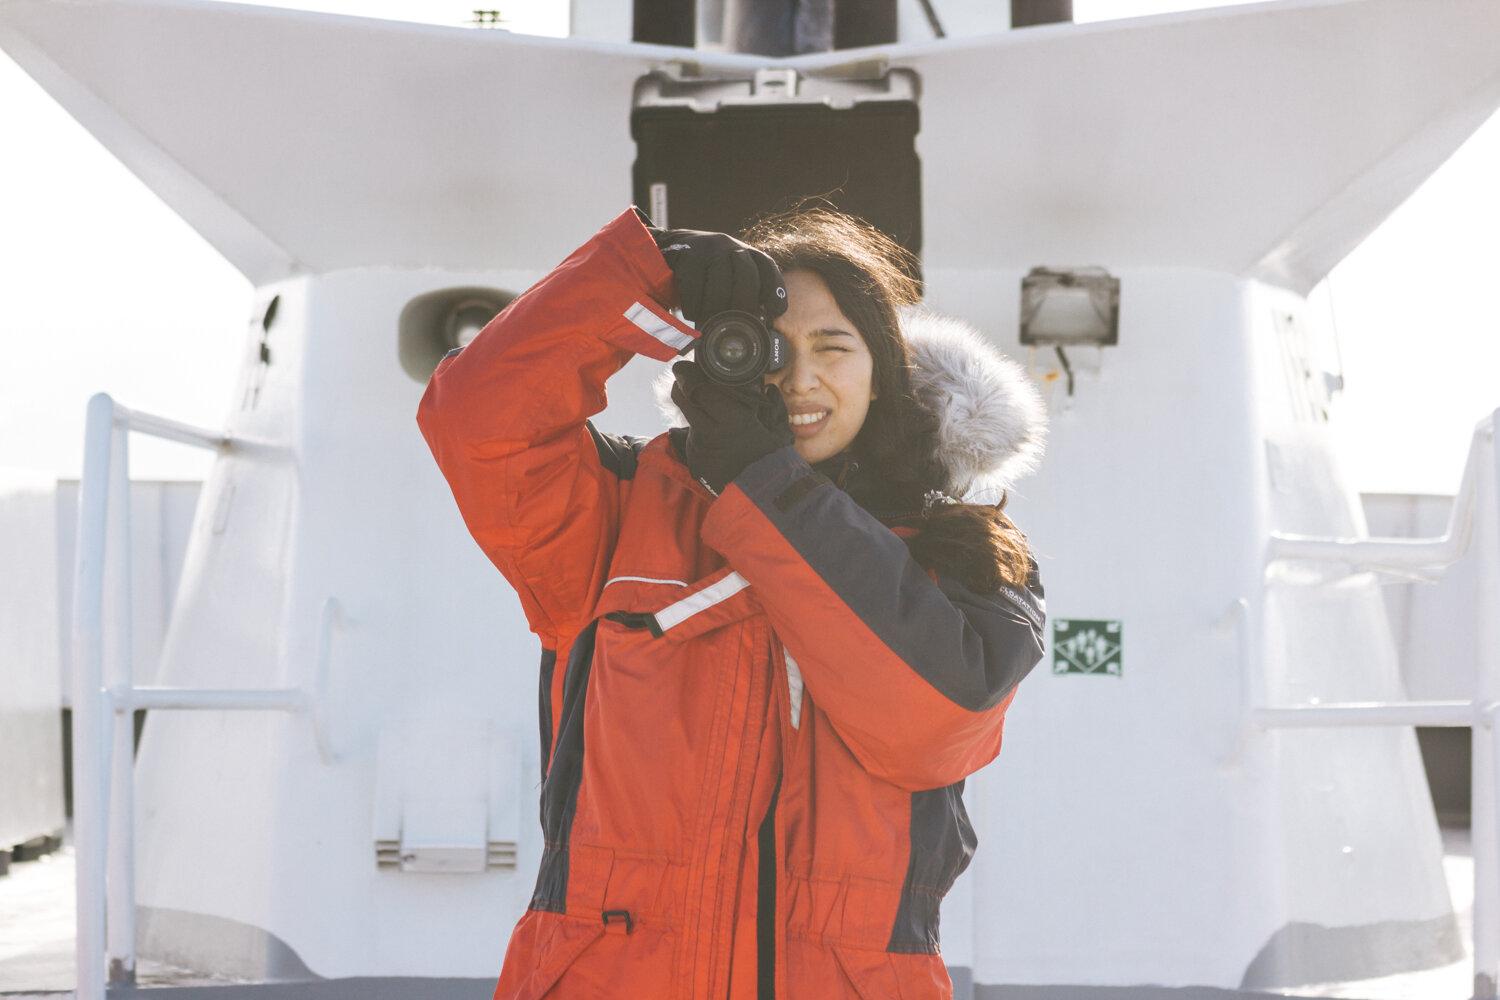 穿着红色工作服的女孩在冰岛的一艘船上用索尼A7iii相机拍摄照片